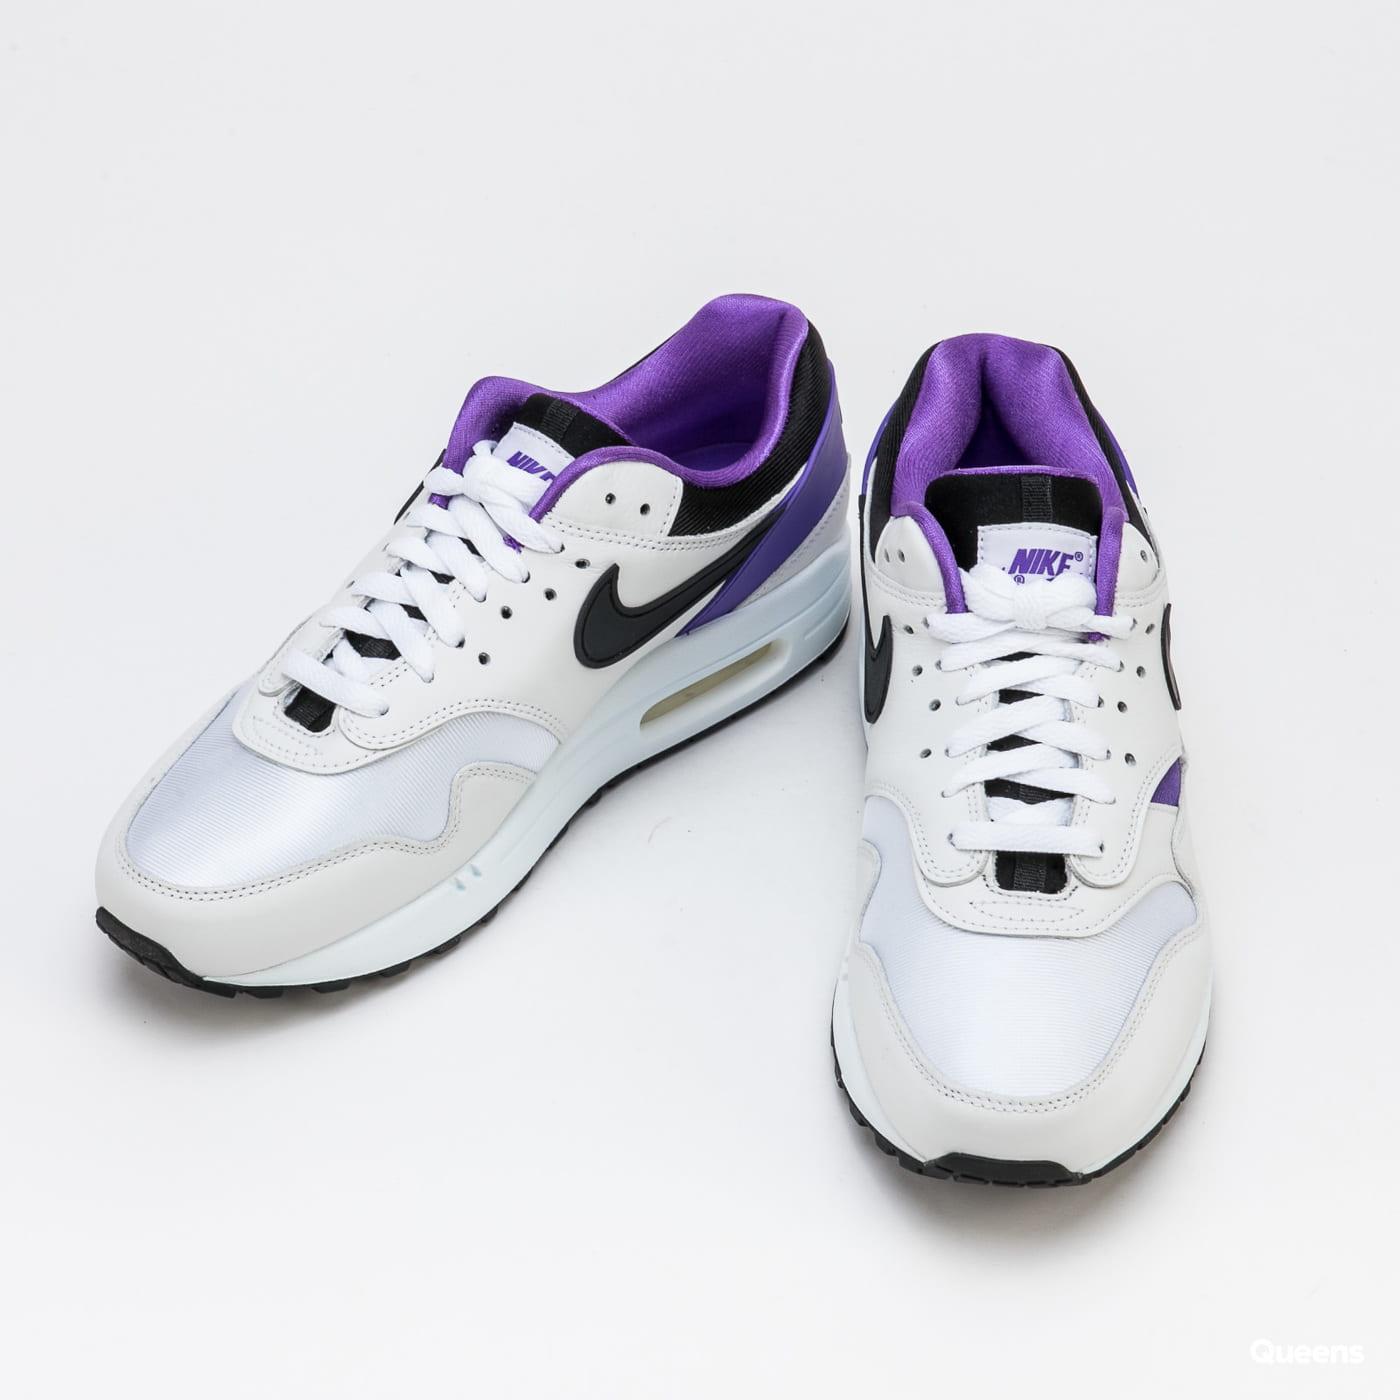 Nike Air Max 1 DNA CH.1 white / black - purple punch